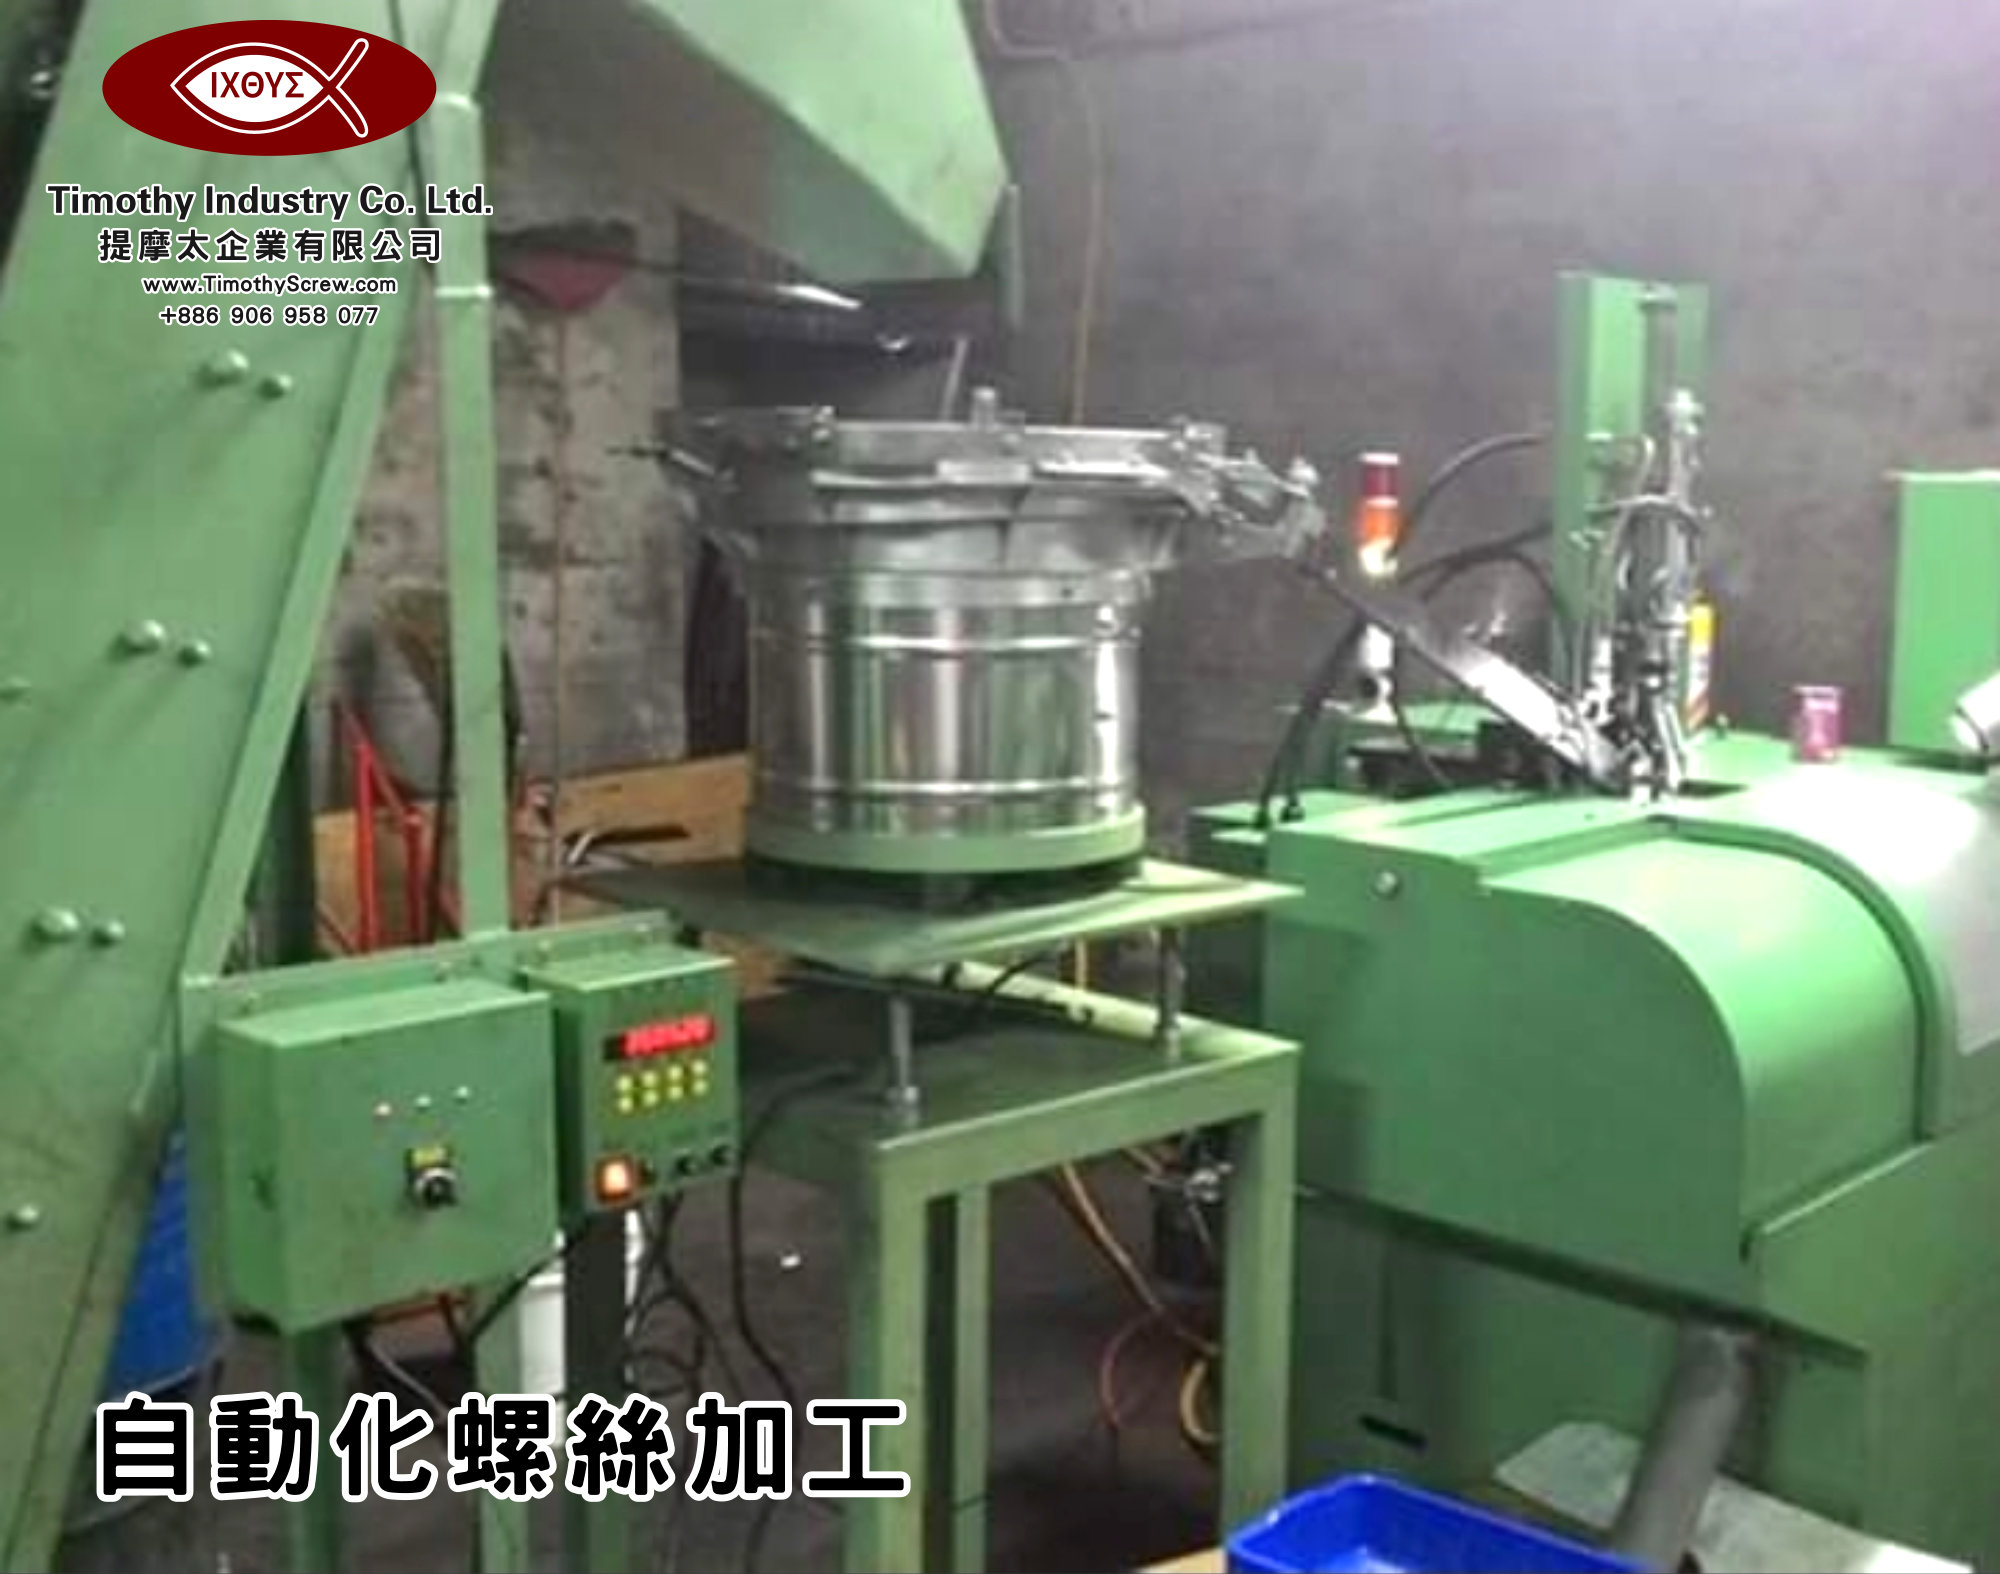 提摩太企業有限公司 Timothy Industry Co Ltd 自動化螺絲加工 車床部 銑床部 台灣自動化螺絲加工 螺絲製造 A01